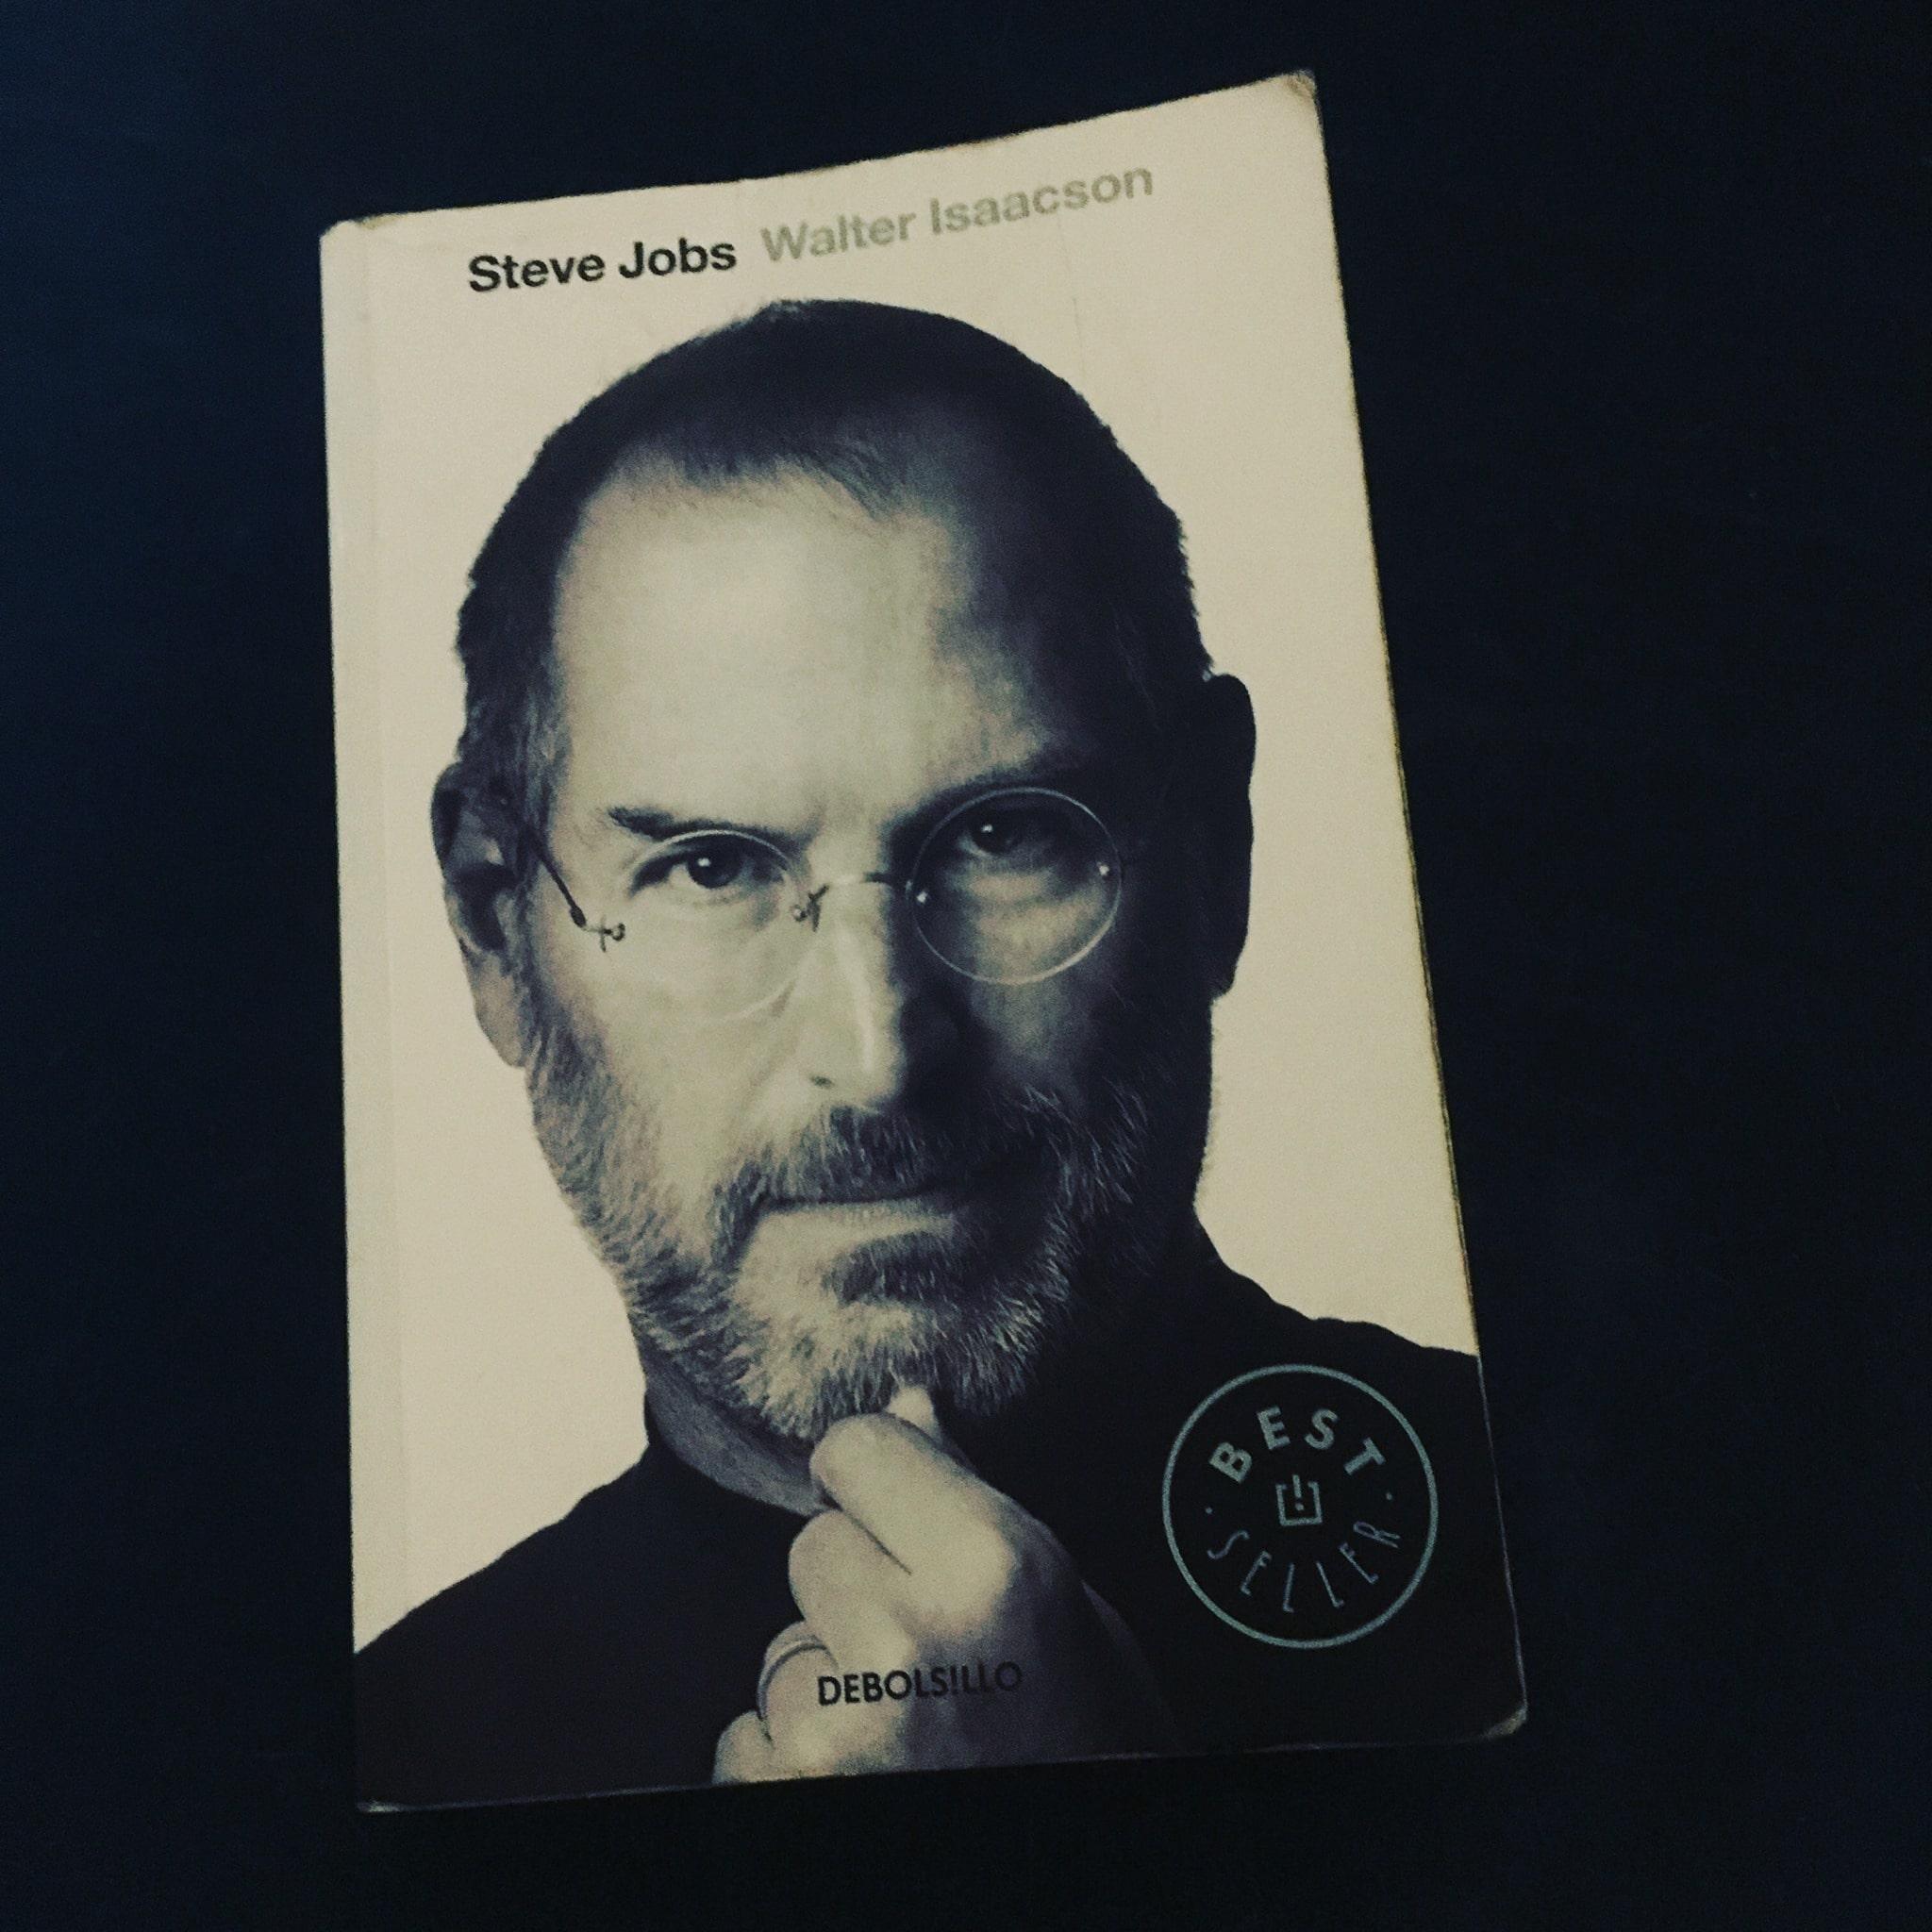 Steve Jobs como líder y emprendedor